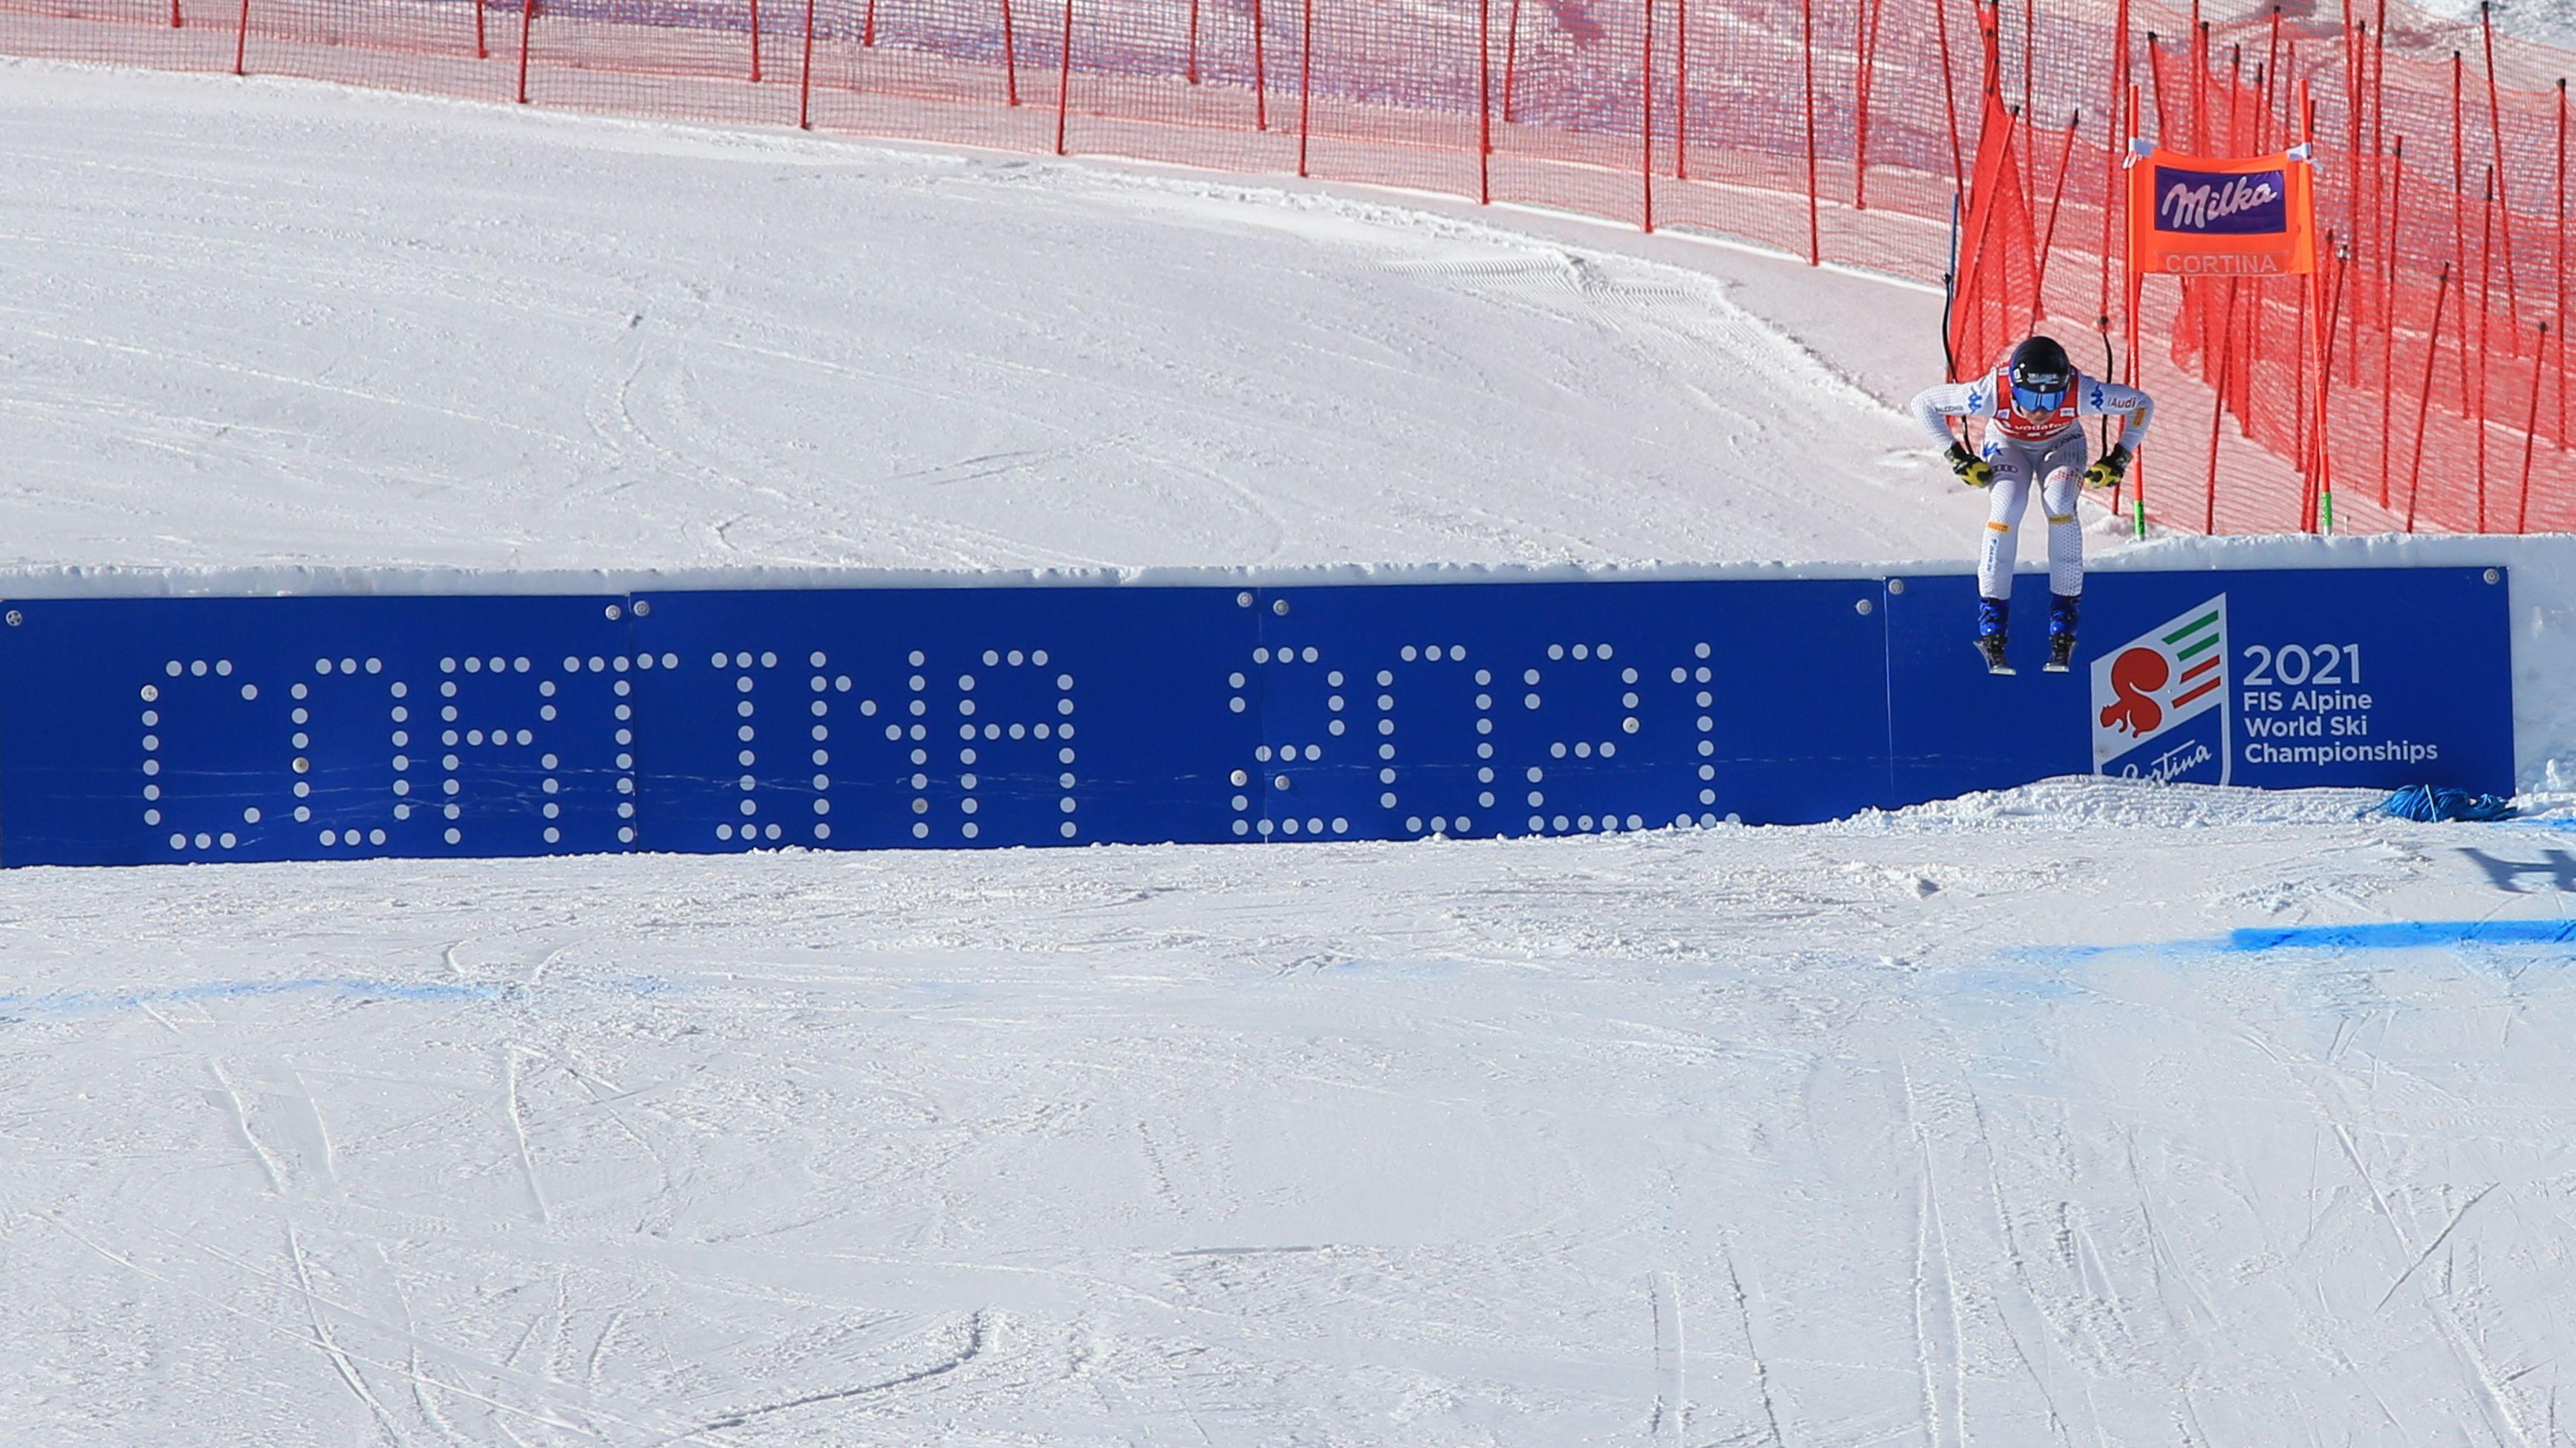 Abfahrt in Cortina d'Ampezzo